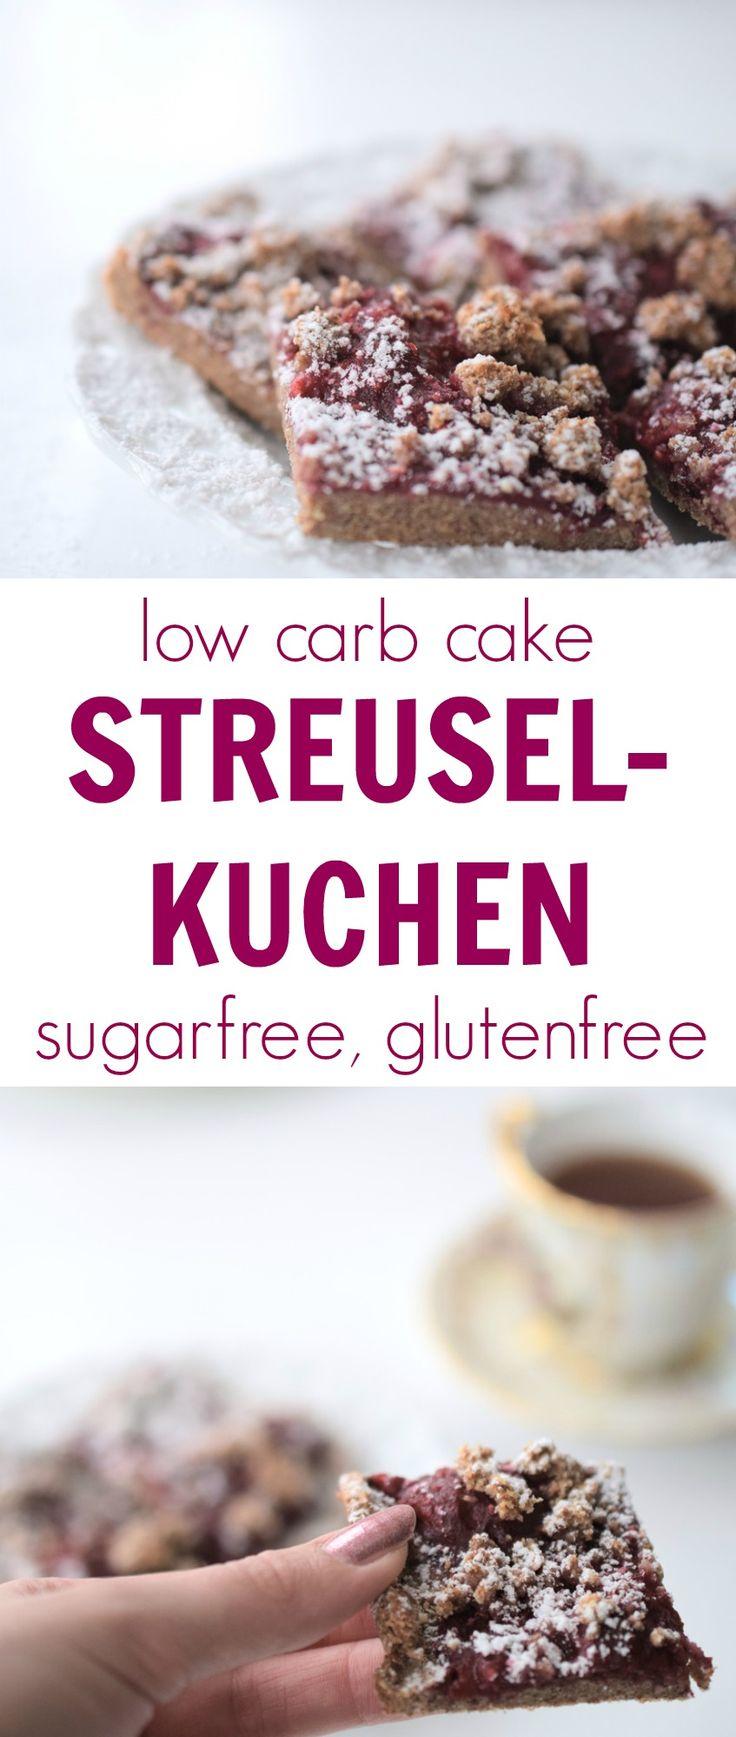 Low carb STREUSELKUCHEN with raspberry jam (sugarfree, glutenfree). Kohlenhydratarmer Kuchen ohne Zucker mit einer leckeren Himbeermarmelade. Rezept, Xucker, Erythrit, Stevia, Butter, Backen ohne Kohl (Favorite Cake Desserts)